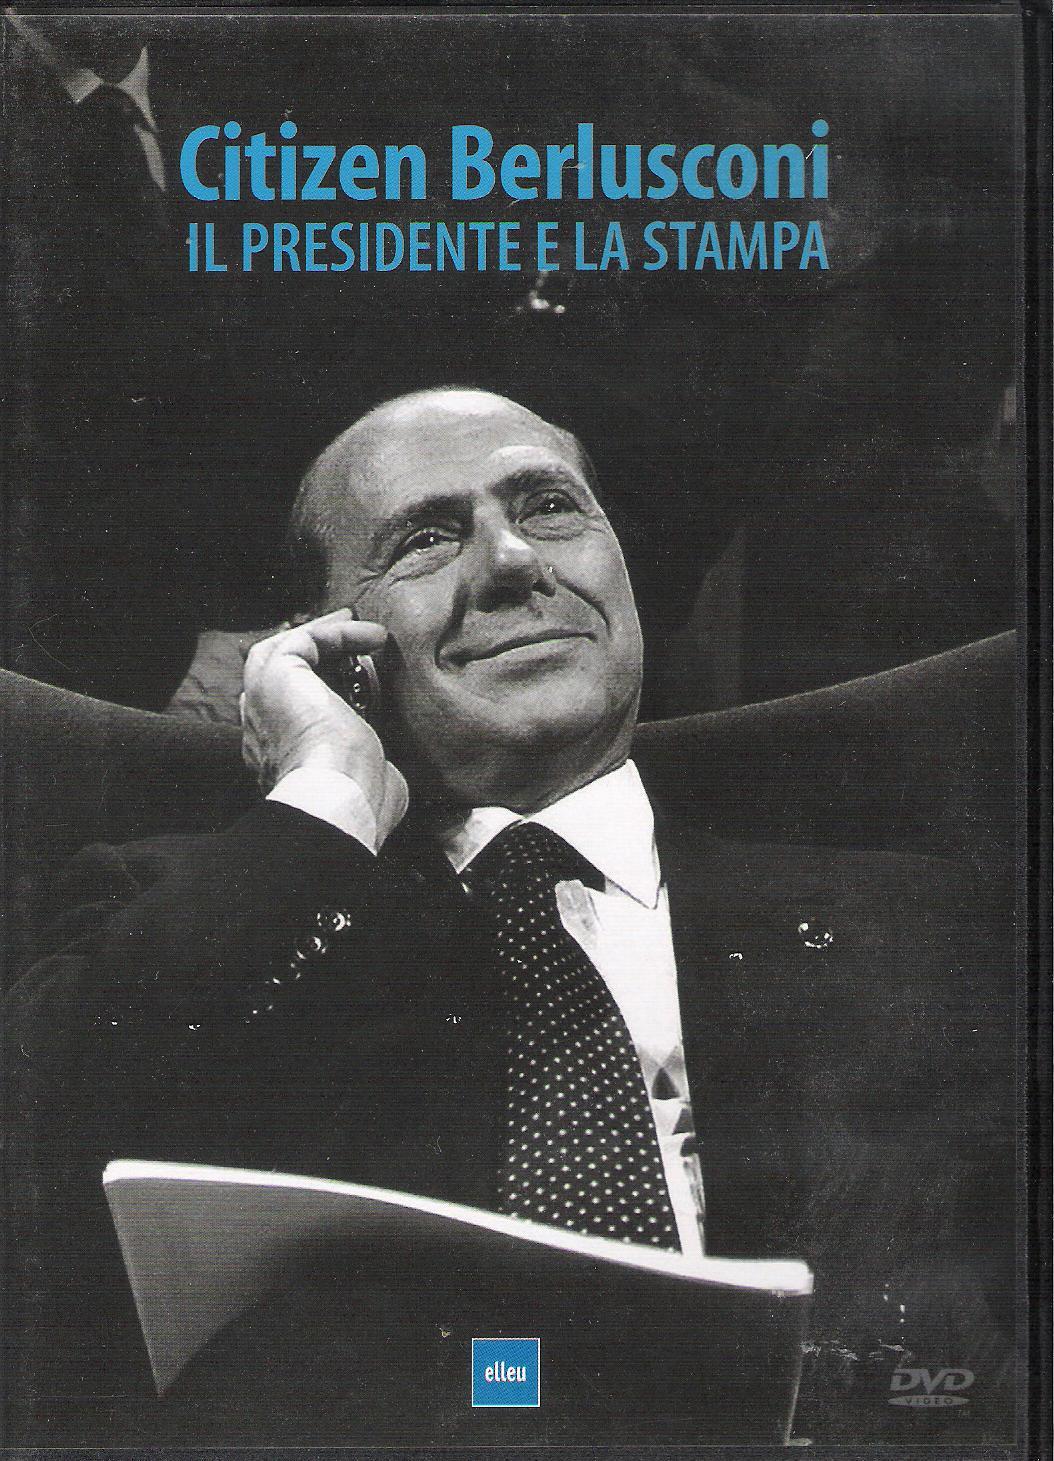 Citizen Berlusconi. Il presidente e la stampa. DVD